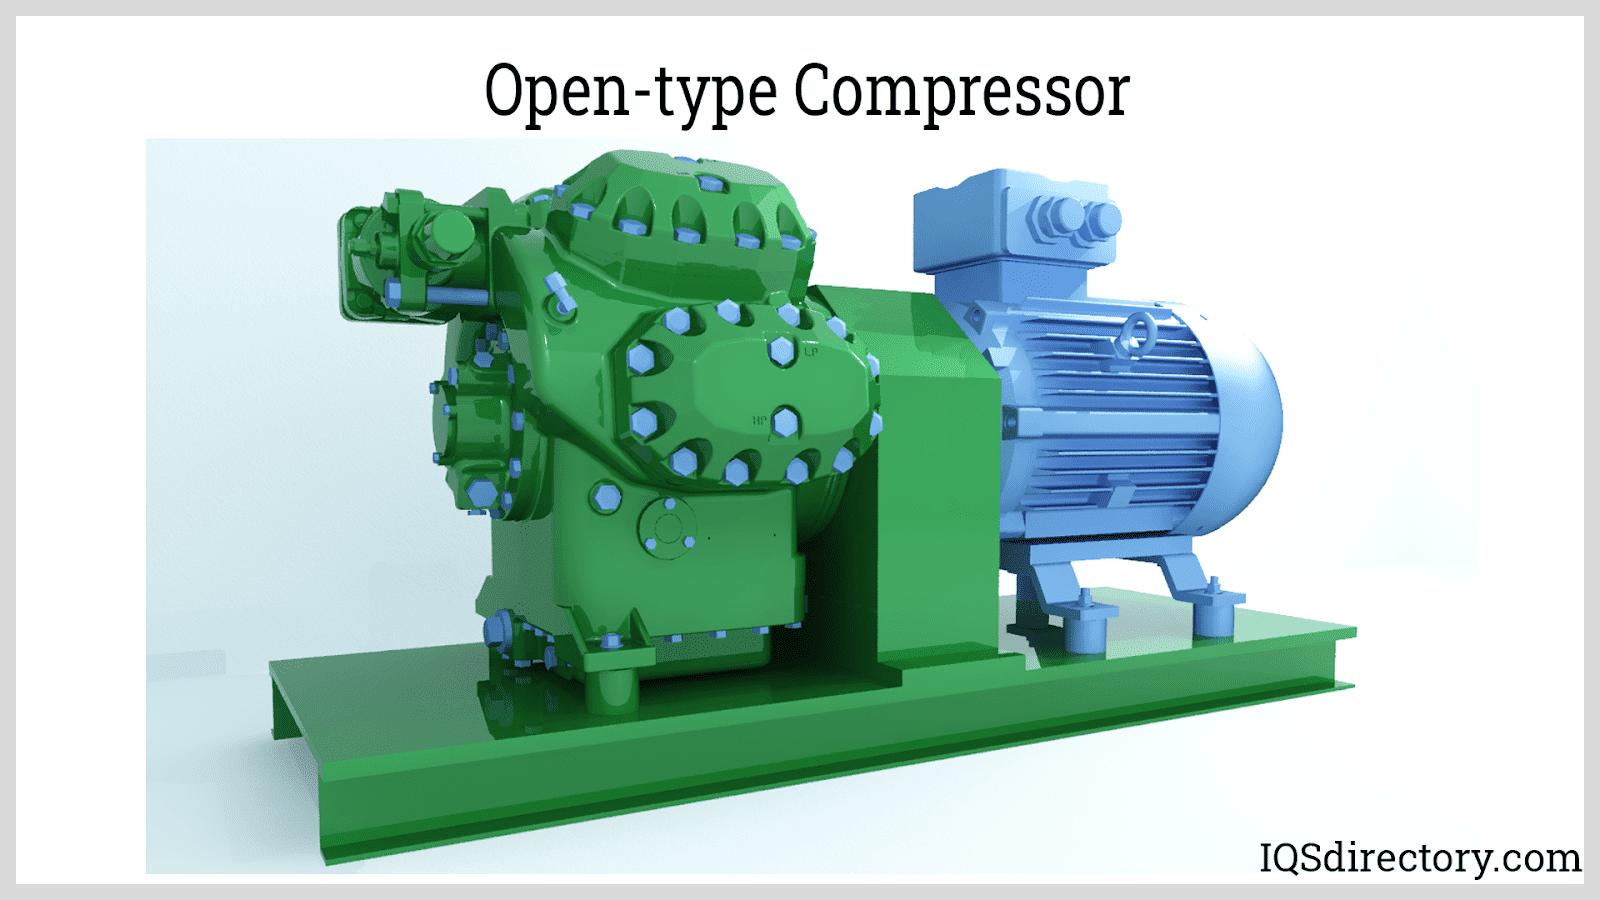 Open-type Compressor